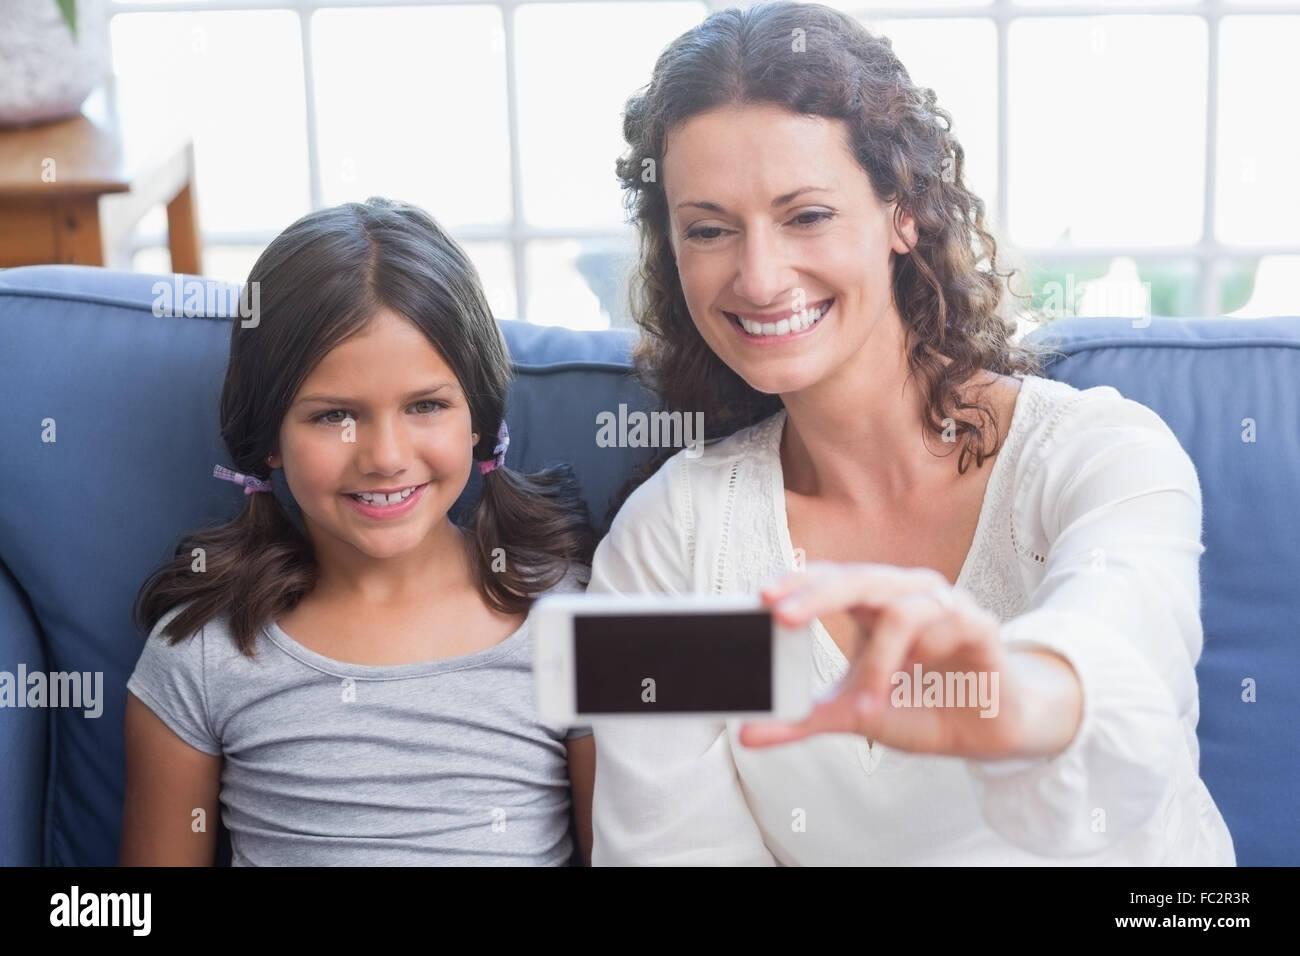 Glückliche Mutter und Tochter sitzen auf der Couch und